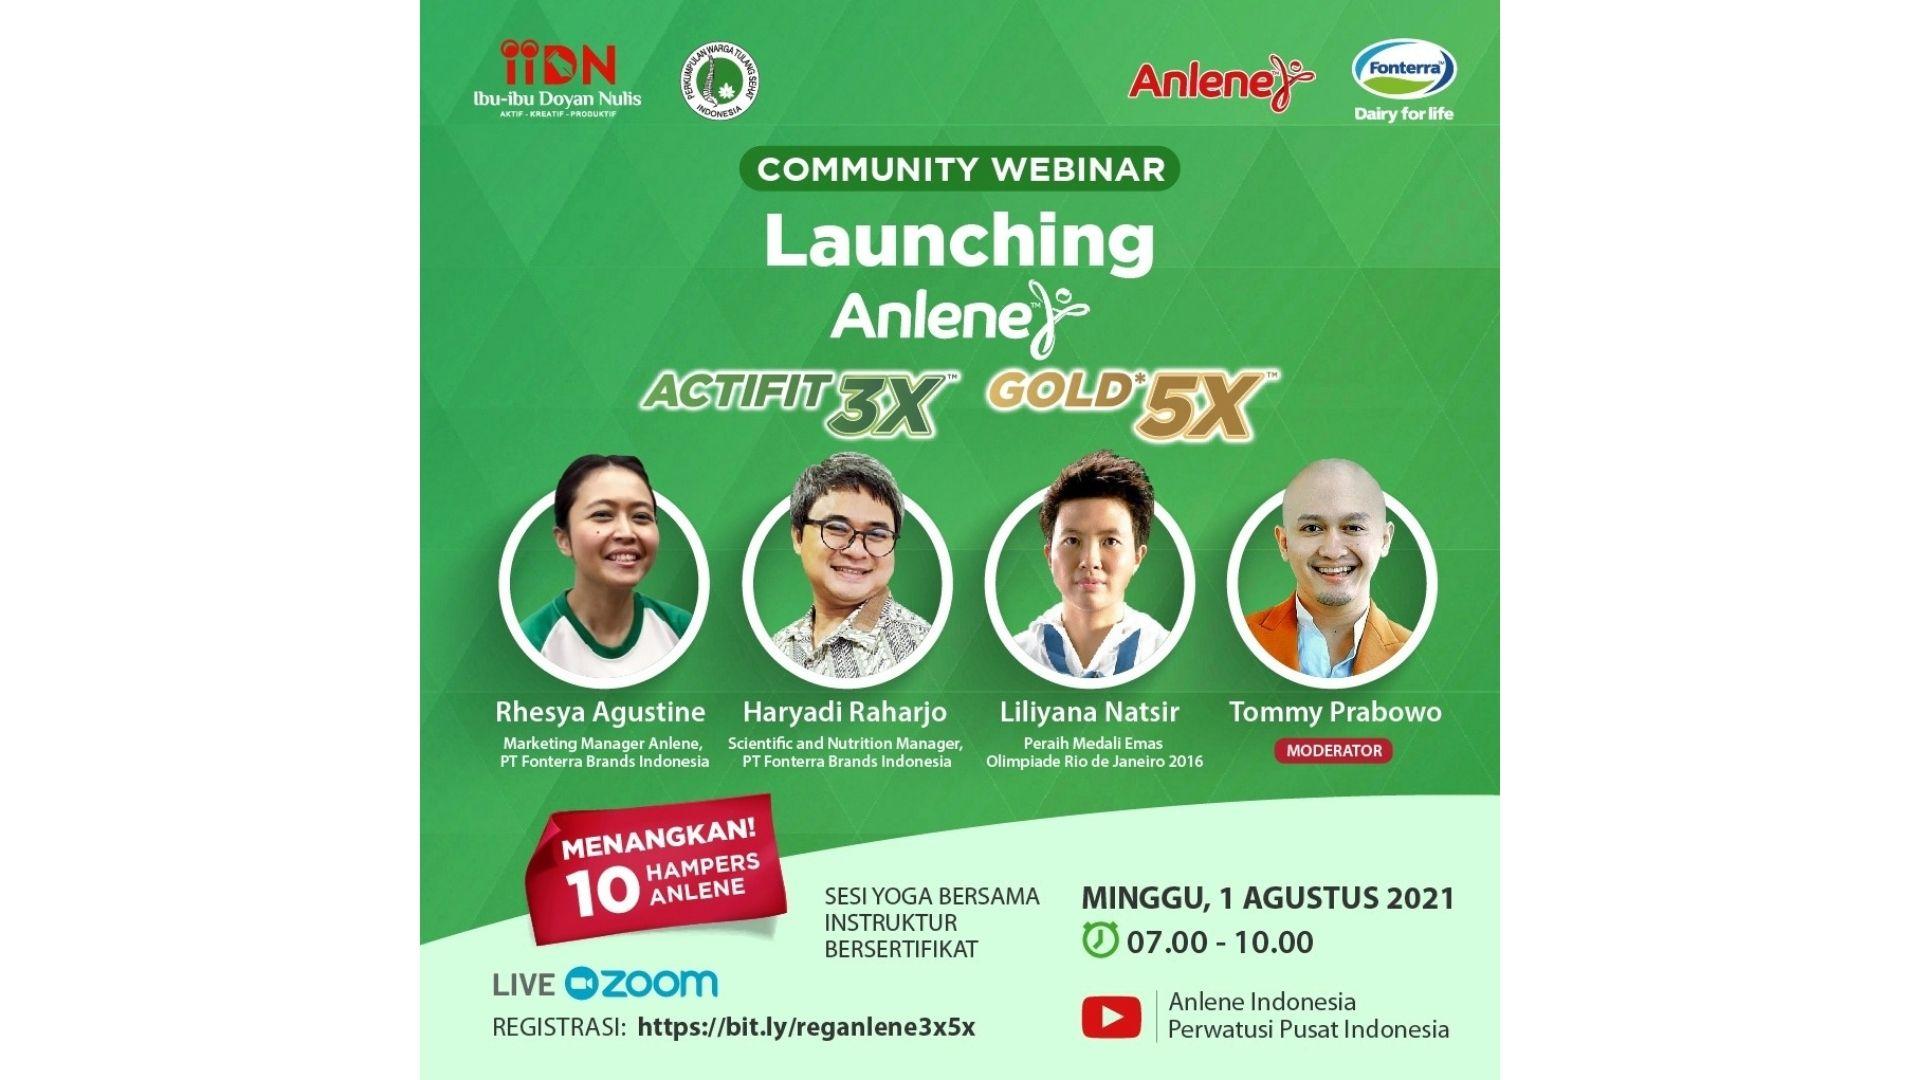 Launching Anlene Actifit 3X dan Gold 5X